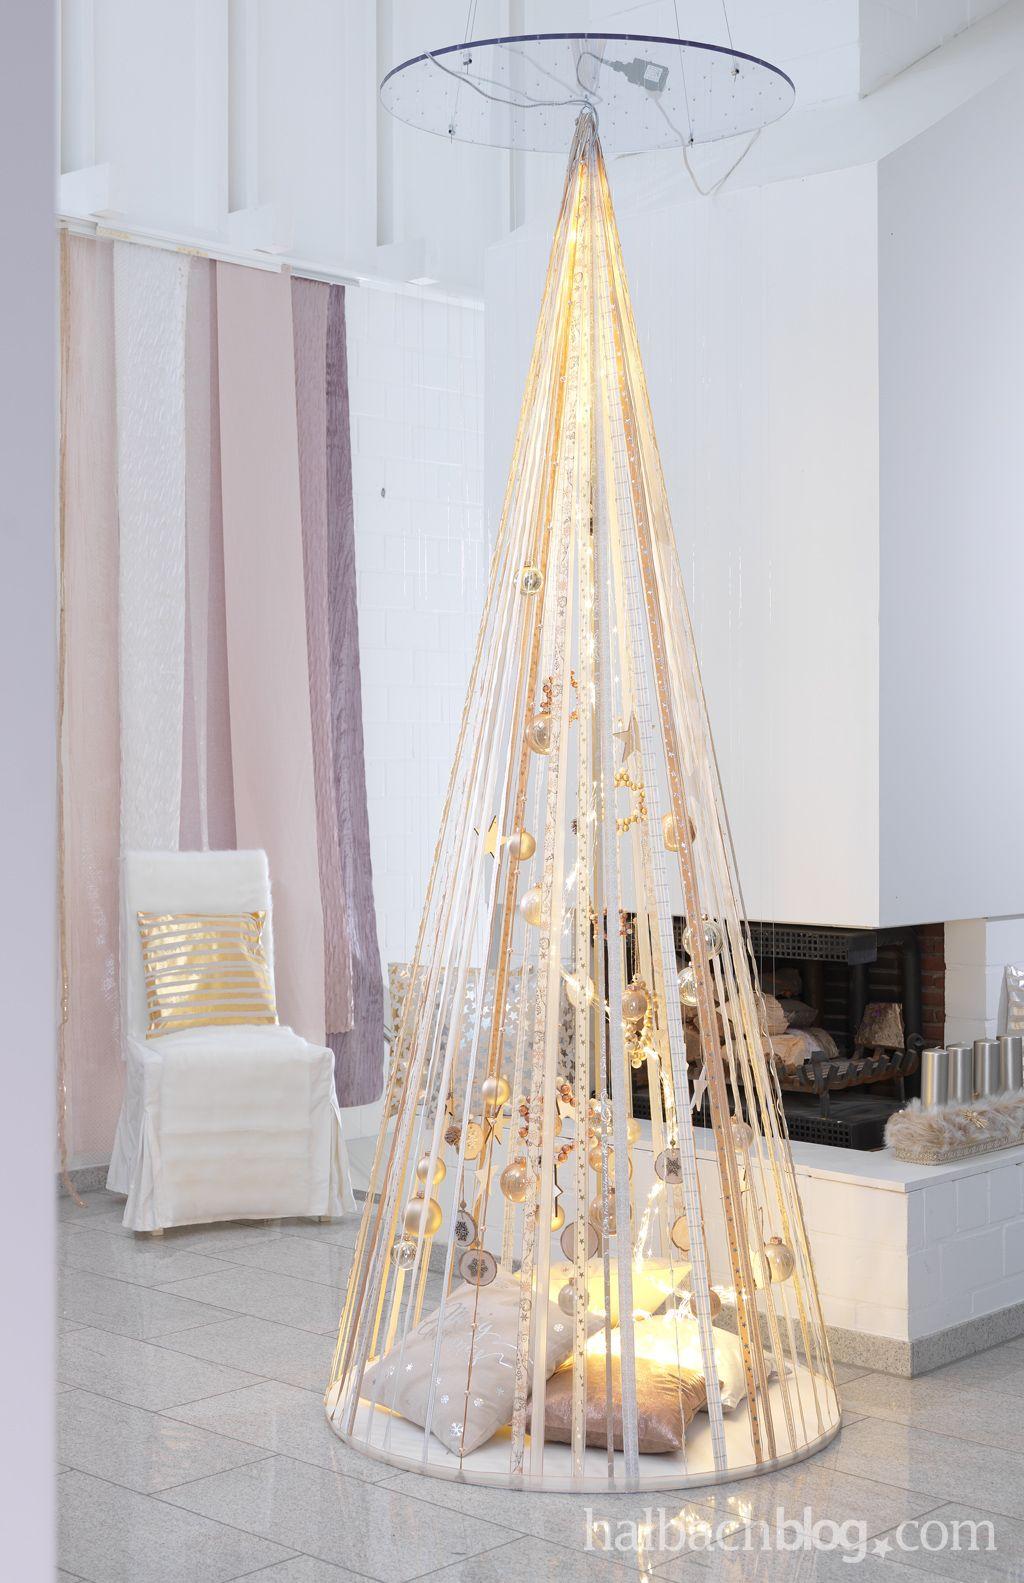 Alternative Weihnachtsbaum Ideen I Gespannte Bänder I Kugeln I Accessoires  I Kissen I Chic I